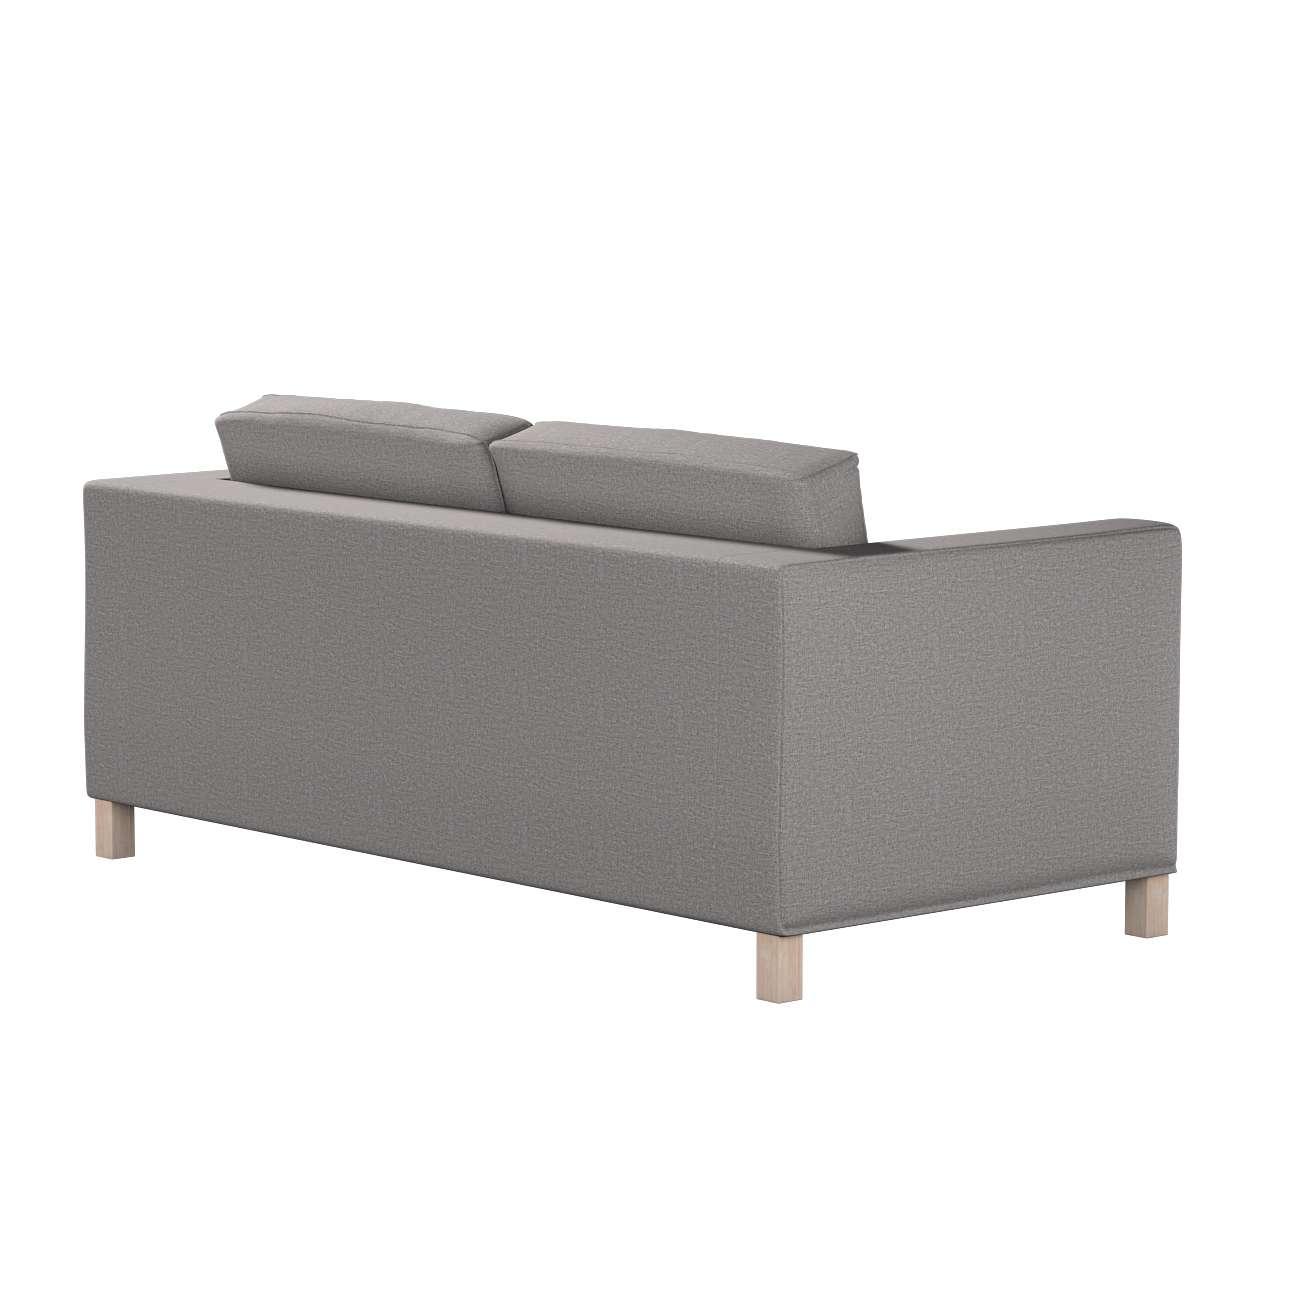 Ikea Karlanda Slaapbank.Ikea Zitbankhoes Overtrek Voor Karlanda Slaapbank Kort Grijs